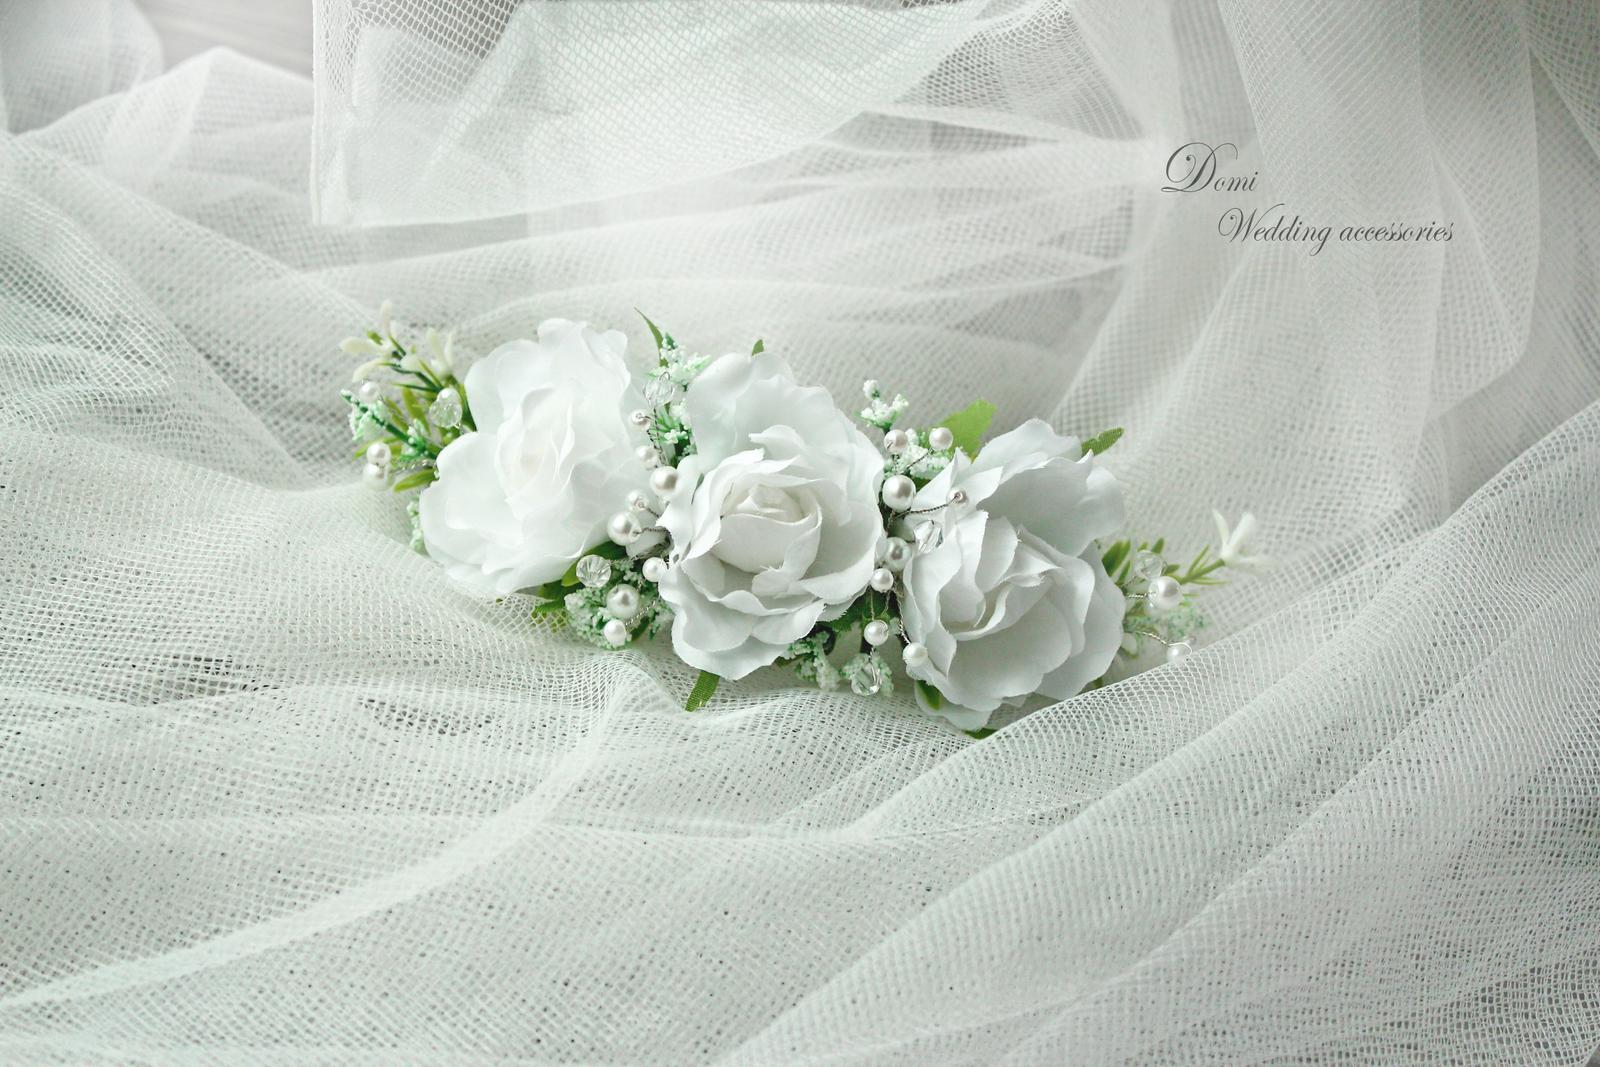 Doplnky pre nevestu, ženícha, družičky z trvácnych kvietkov... inšpirácie ♥ - Obrázok č. 3